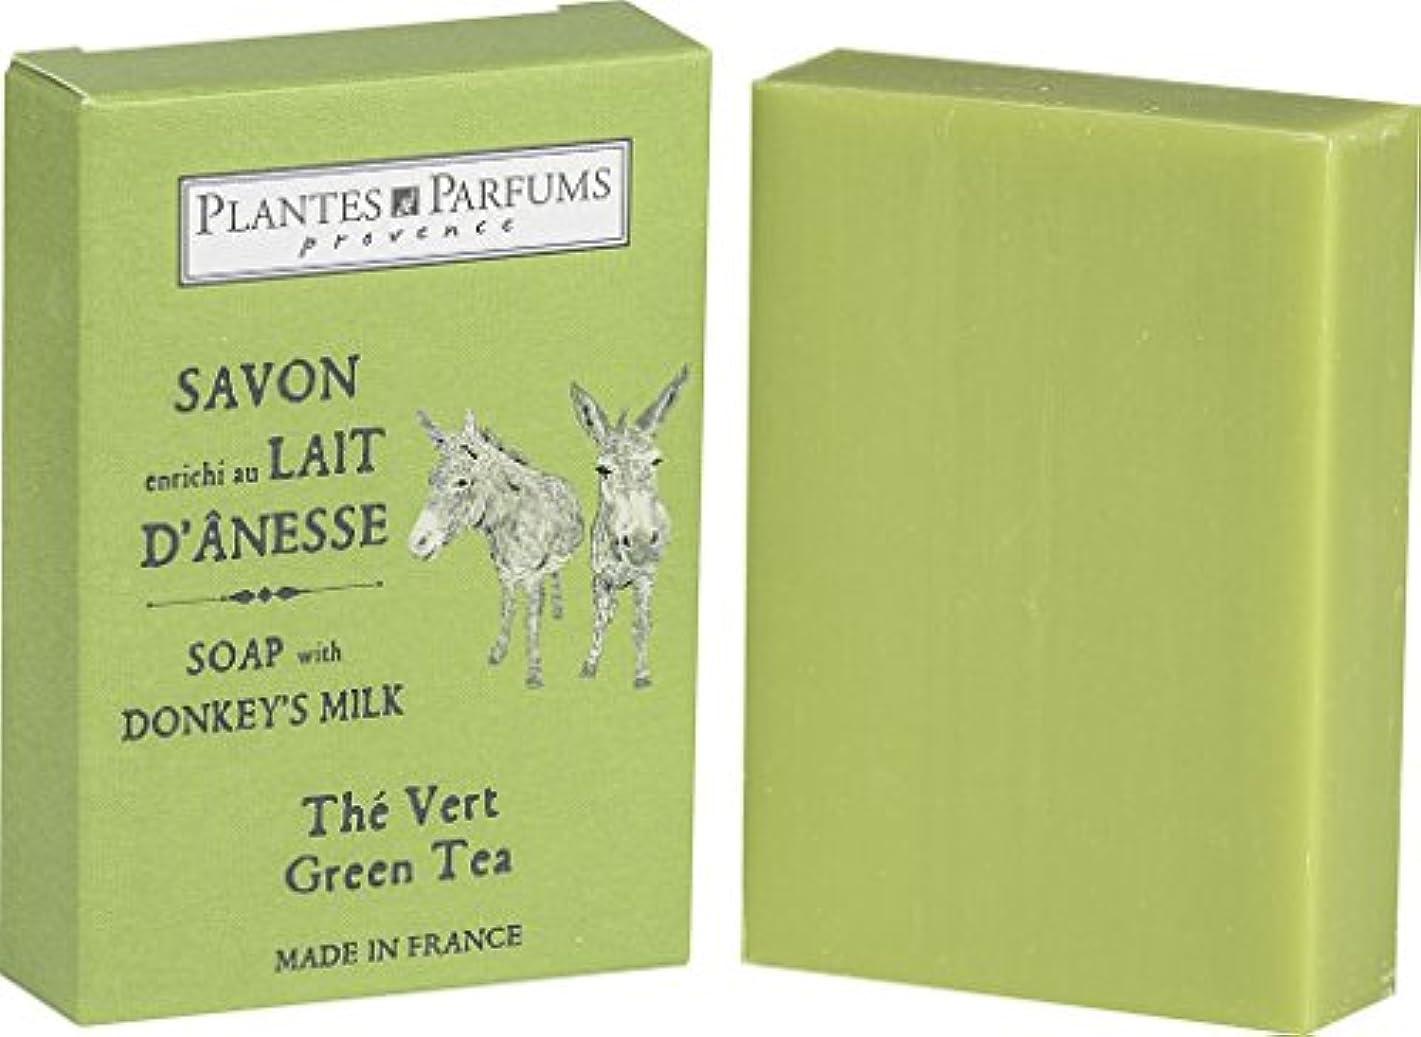 枝メーター完全にPlantes&Parfums [プランツ&パルファム] ロバミルクソープ100g グリーンティ